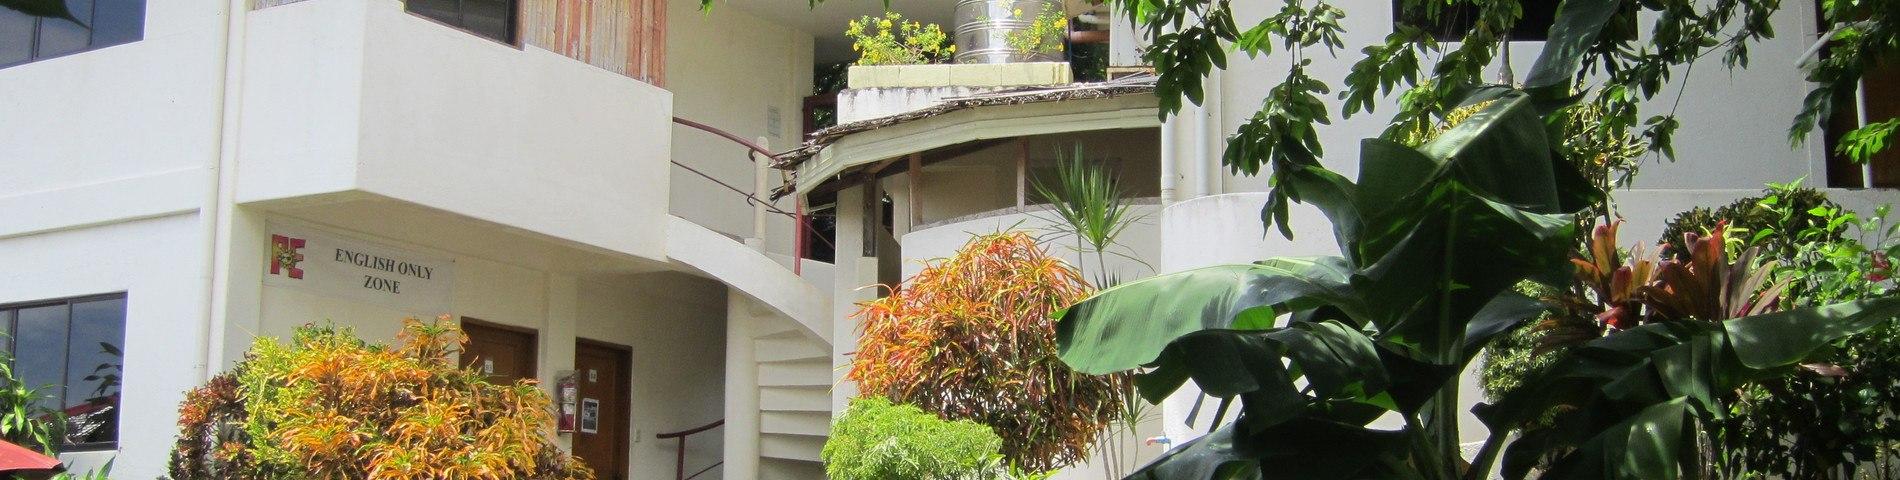 Imagen 1 de la escuela Paradise English